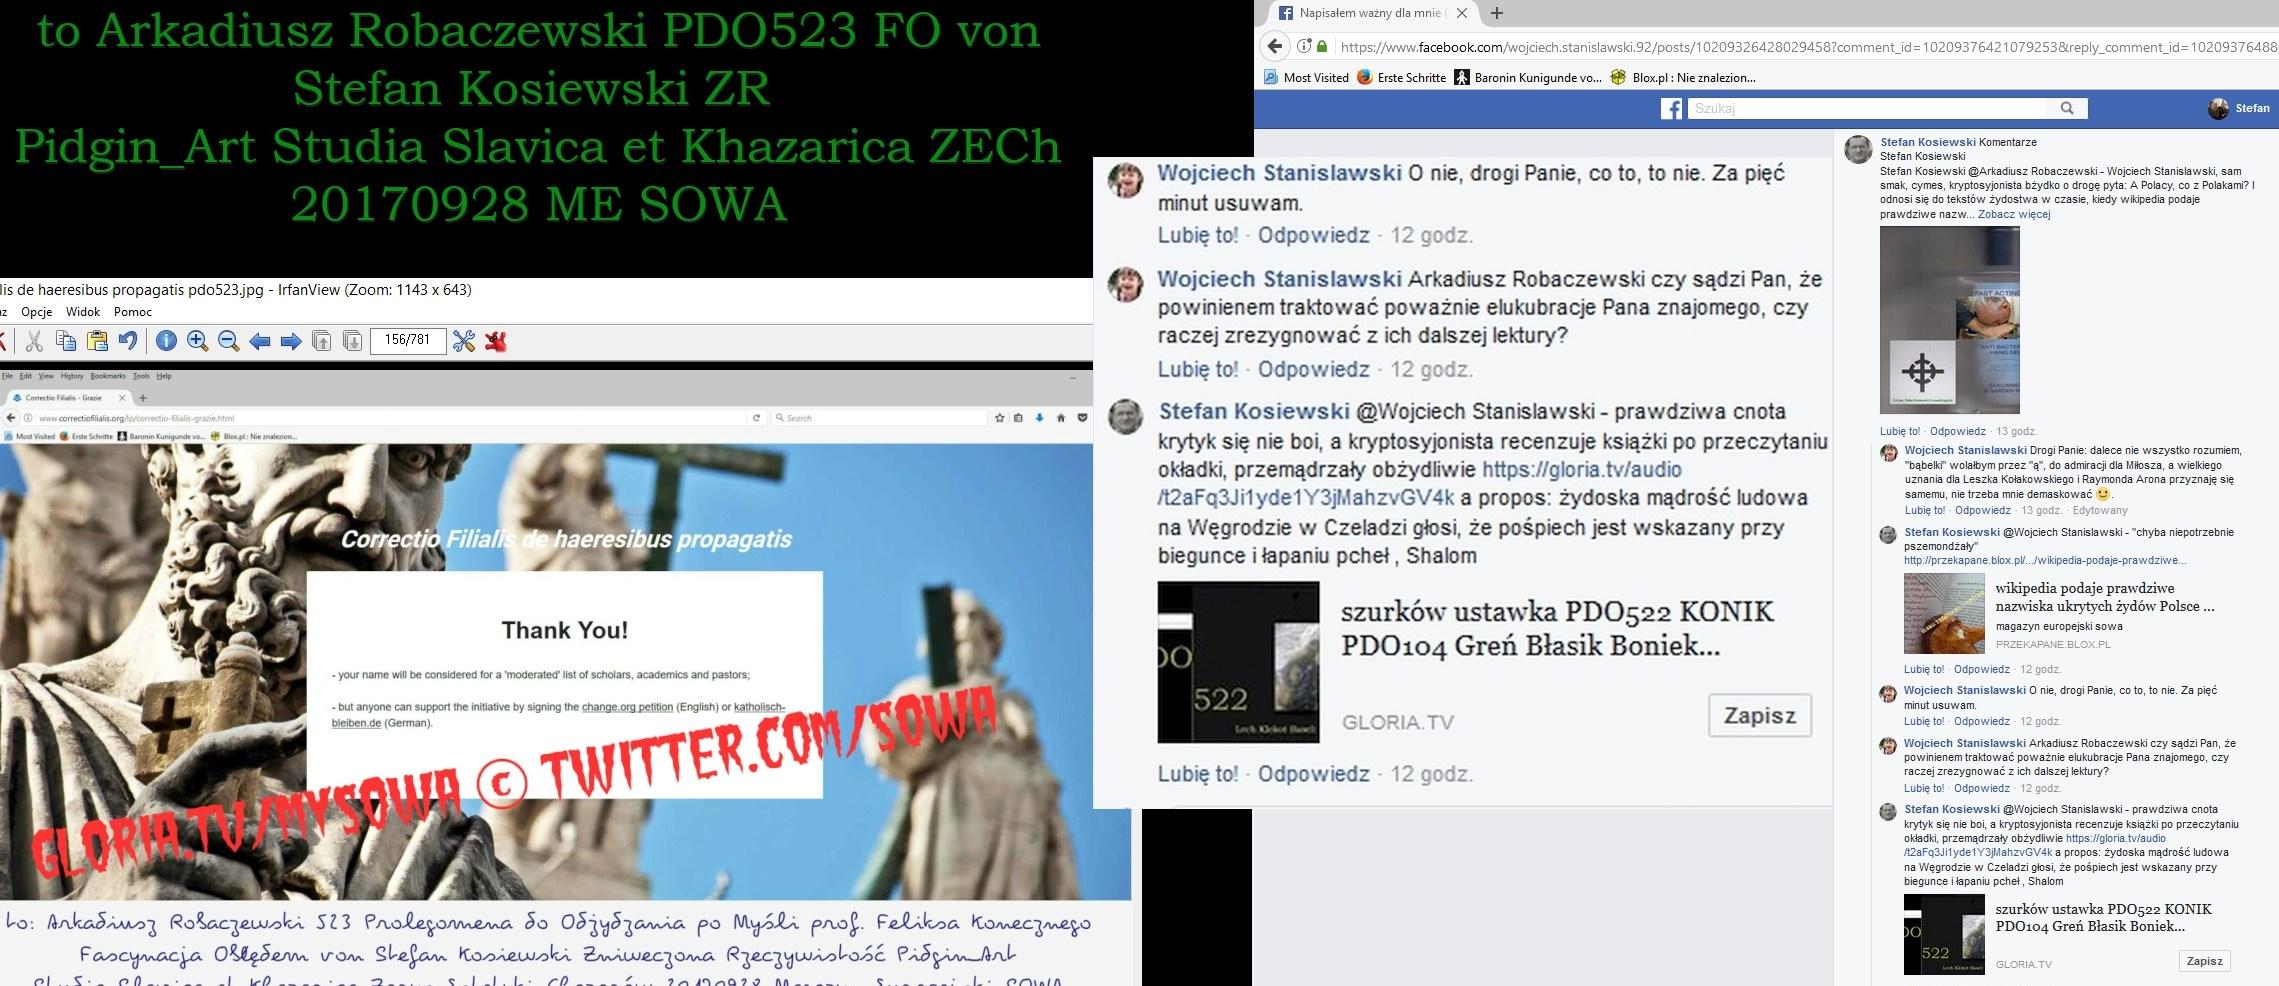 to arkadiusz robaczewski pdo523 teatszyk stanislawski